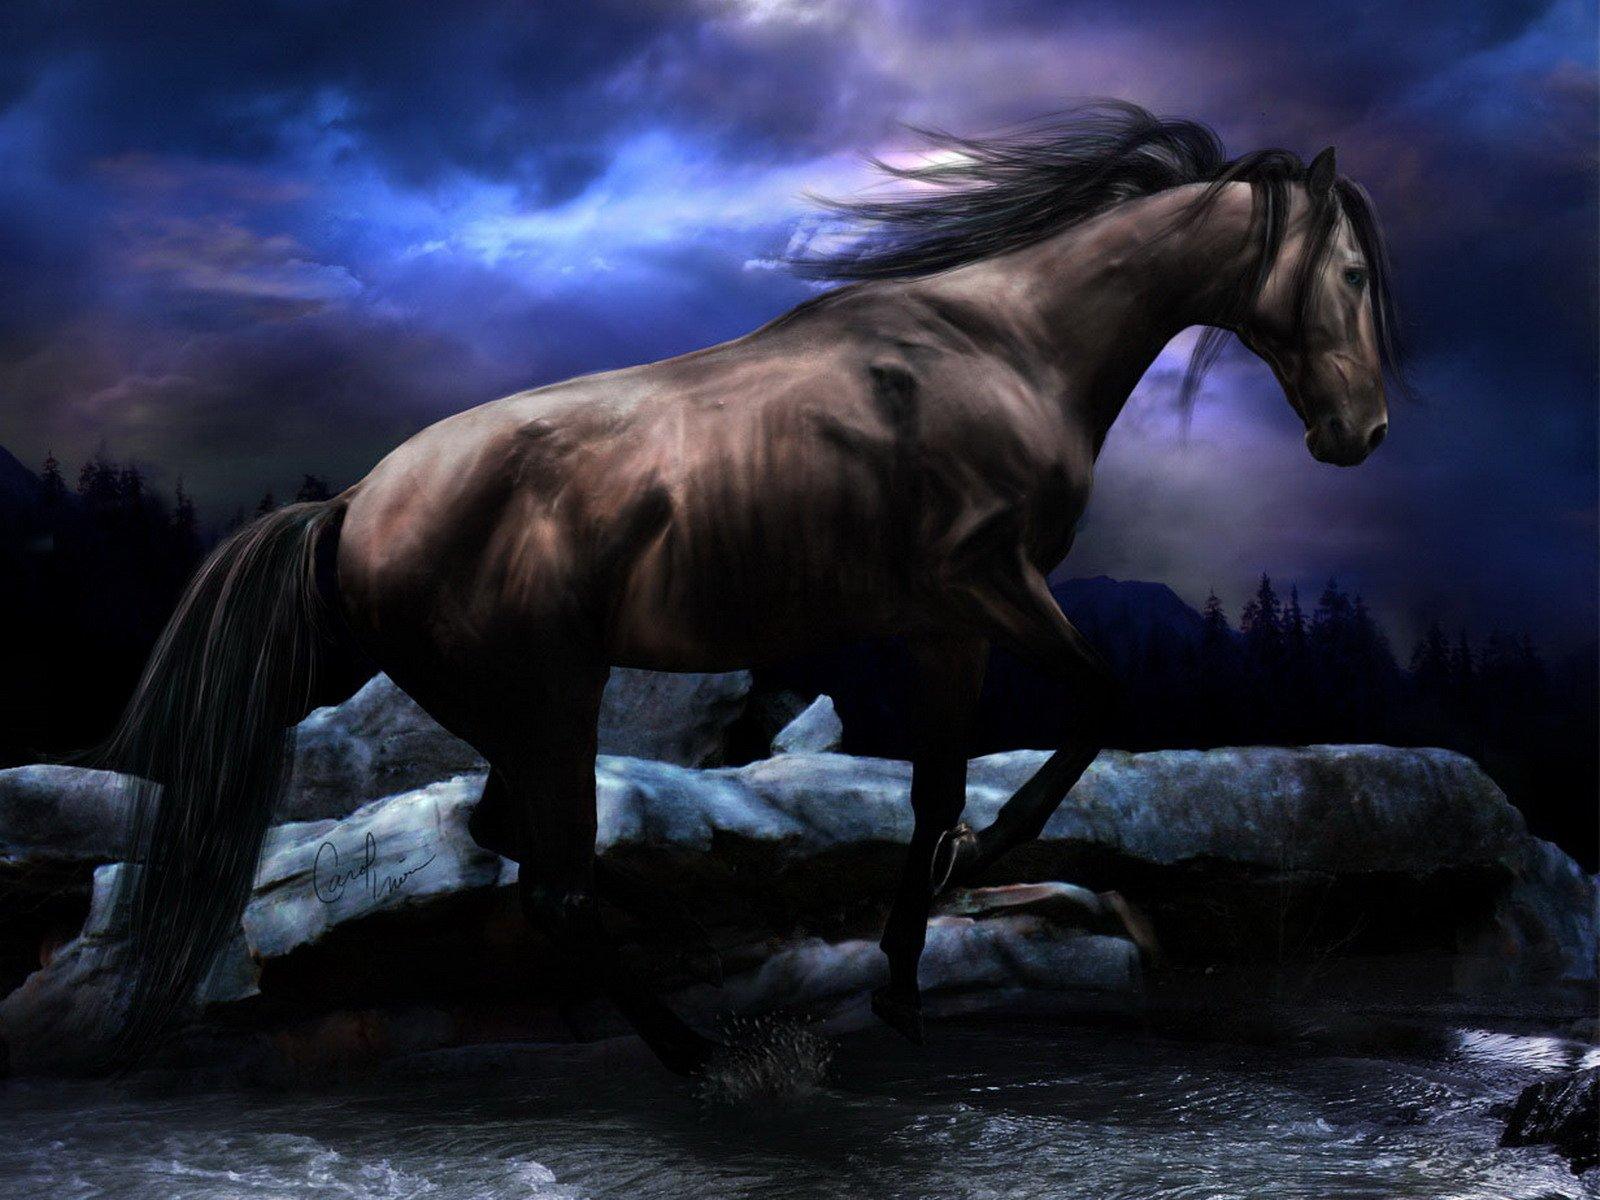 Black horse wallpaper   Animals wallpapers   wallpapers Desktop 1600x1200